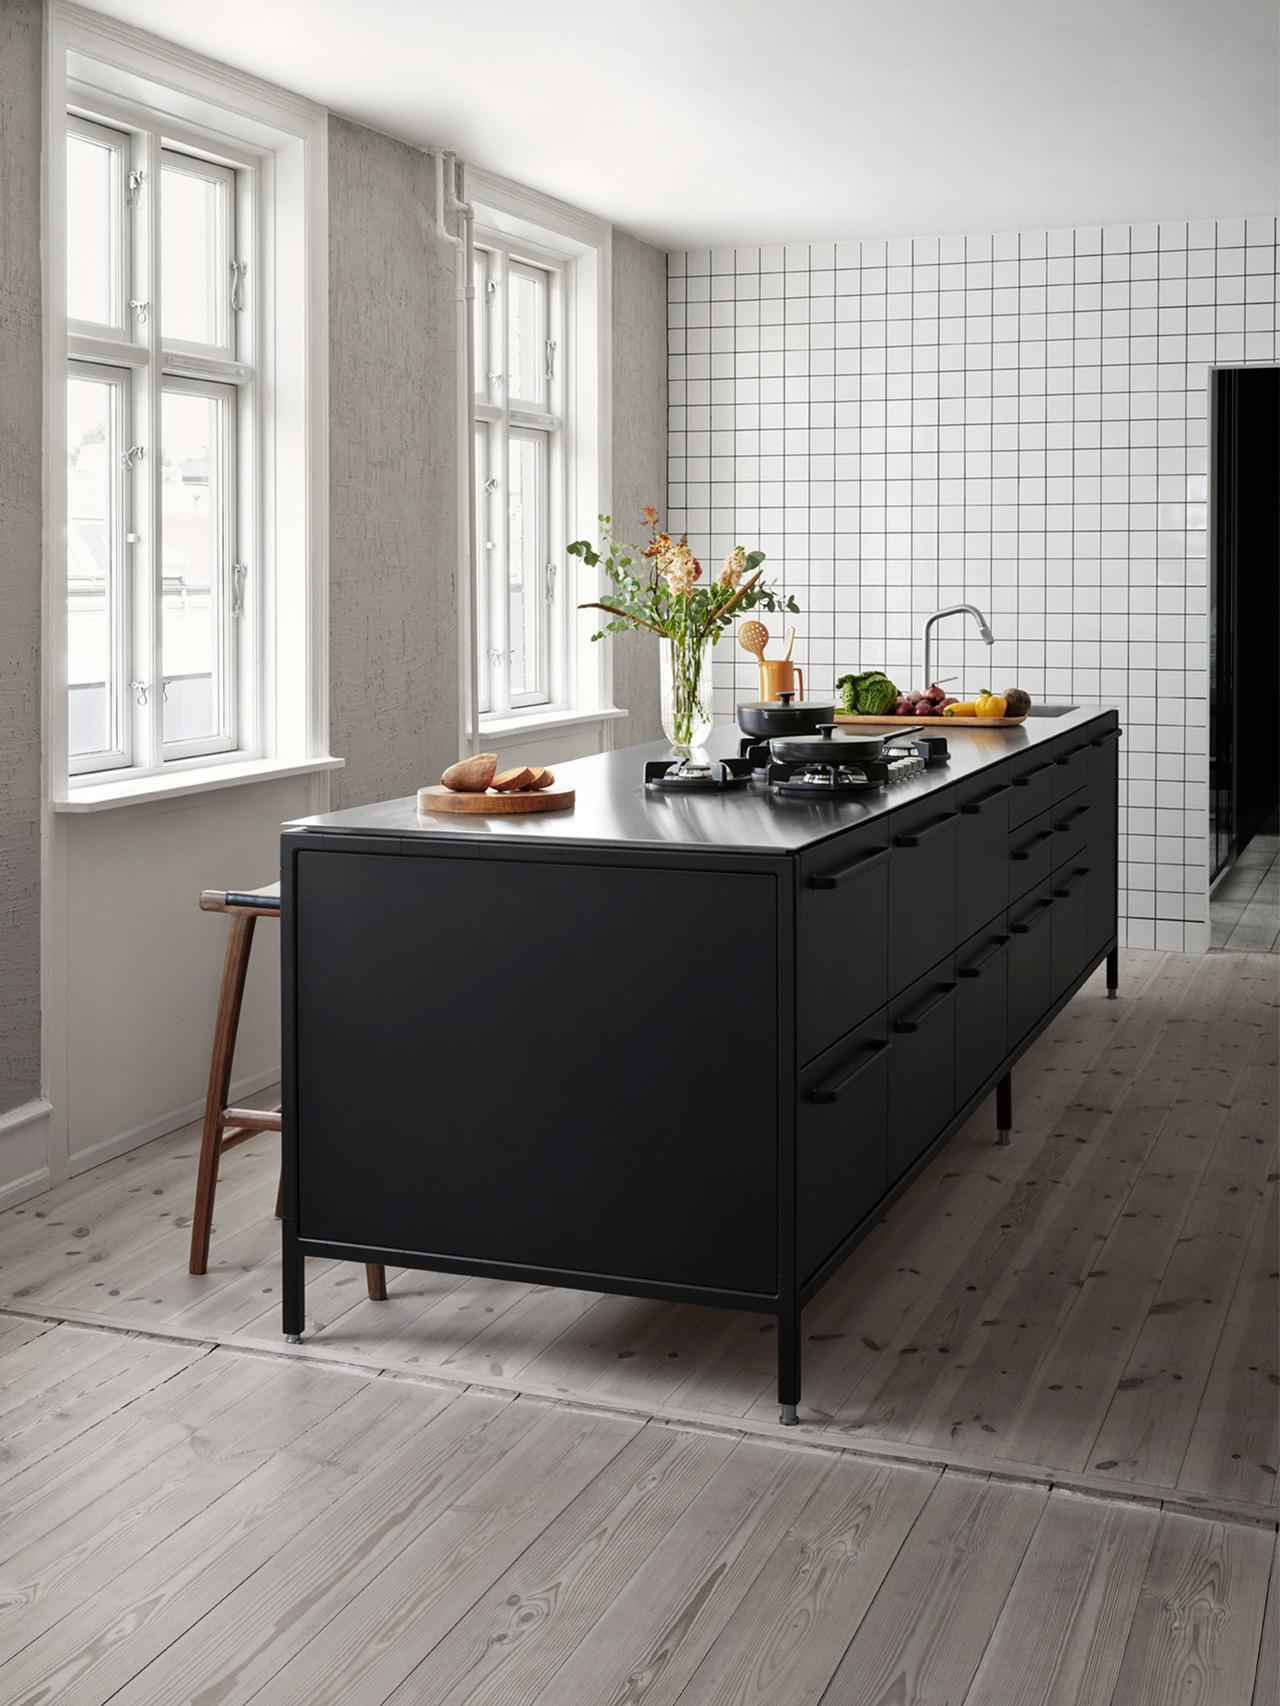 Full Size of Kche Küchen Regal Wohnzimmer Cocoon Küchen